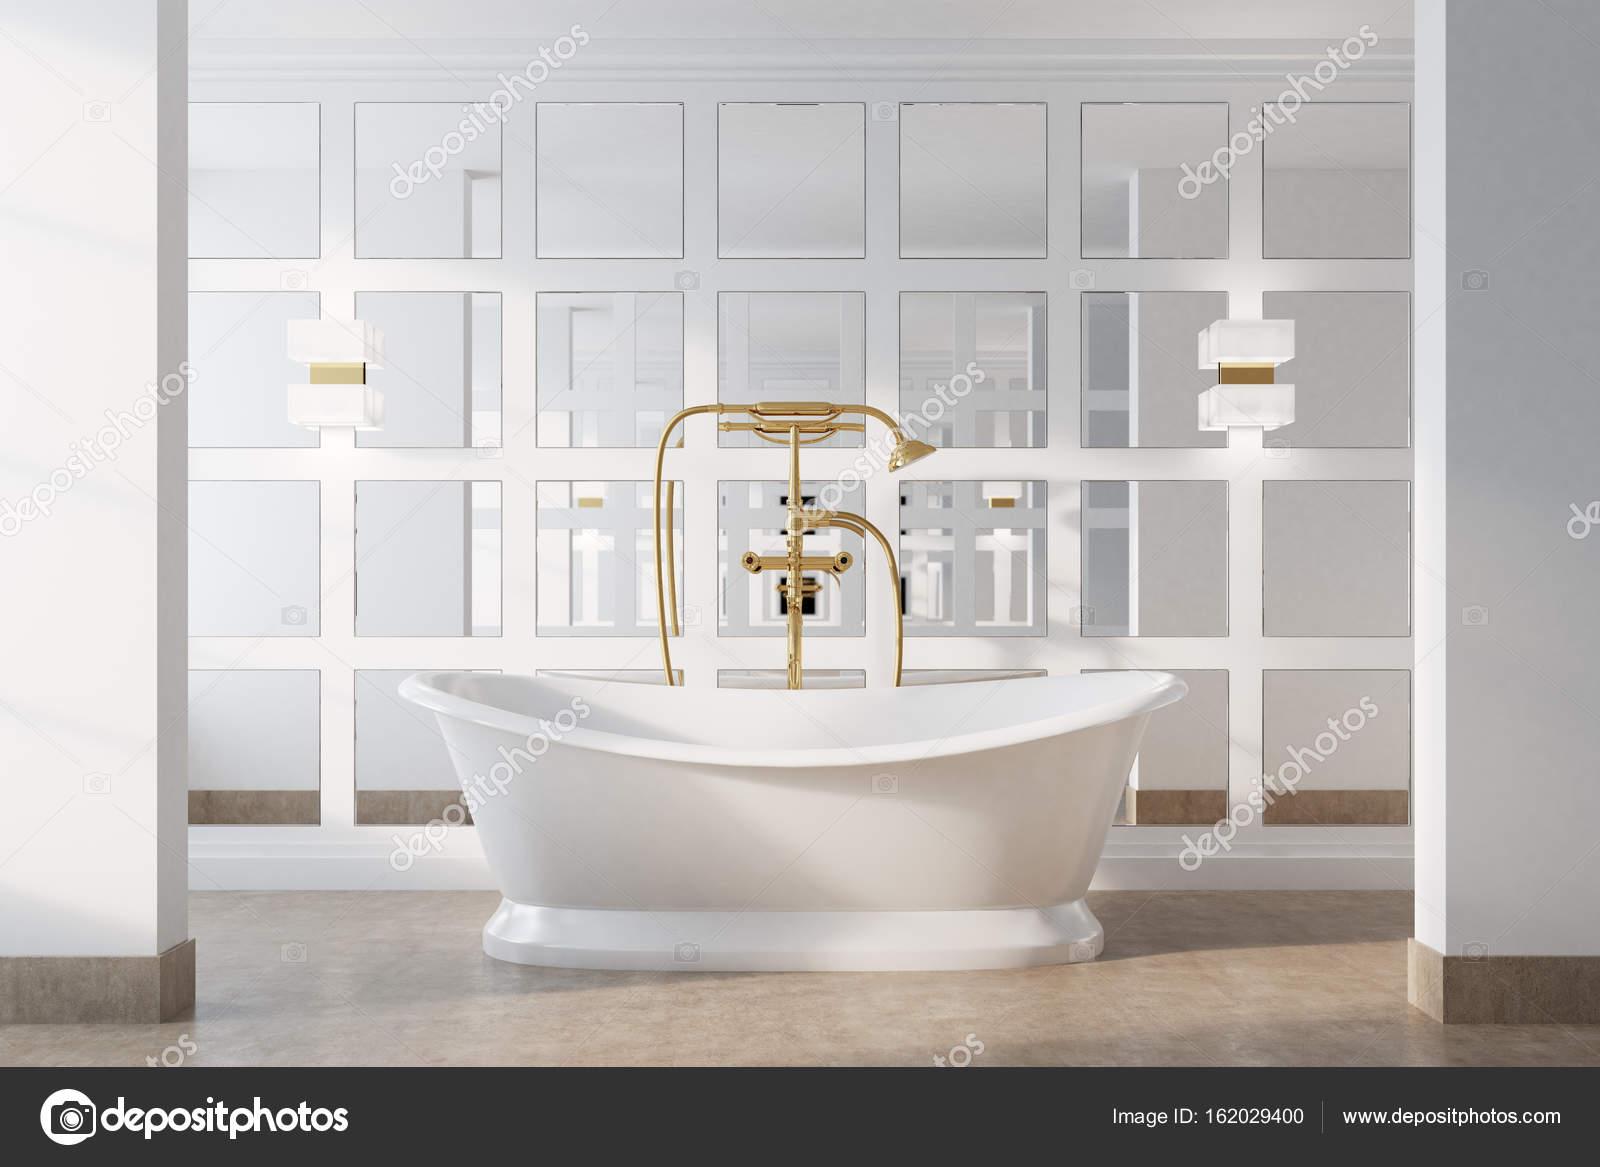 Vasca Da Bagno Retro : Vasca da bagno vintage bianco u foto stock denisismagilov